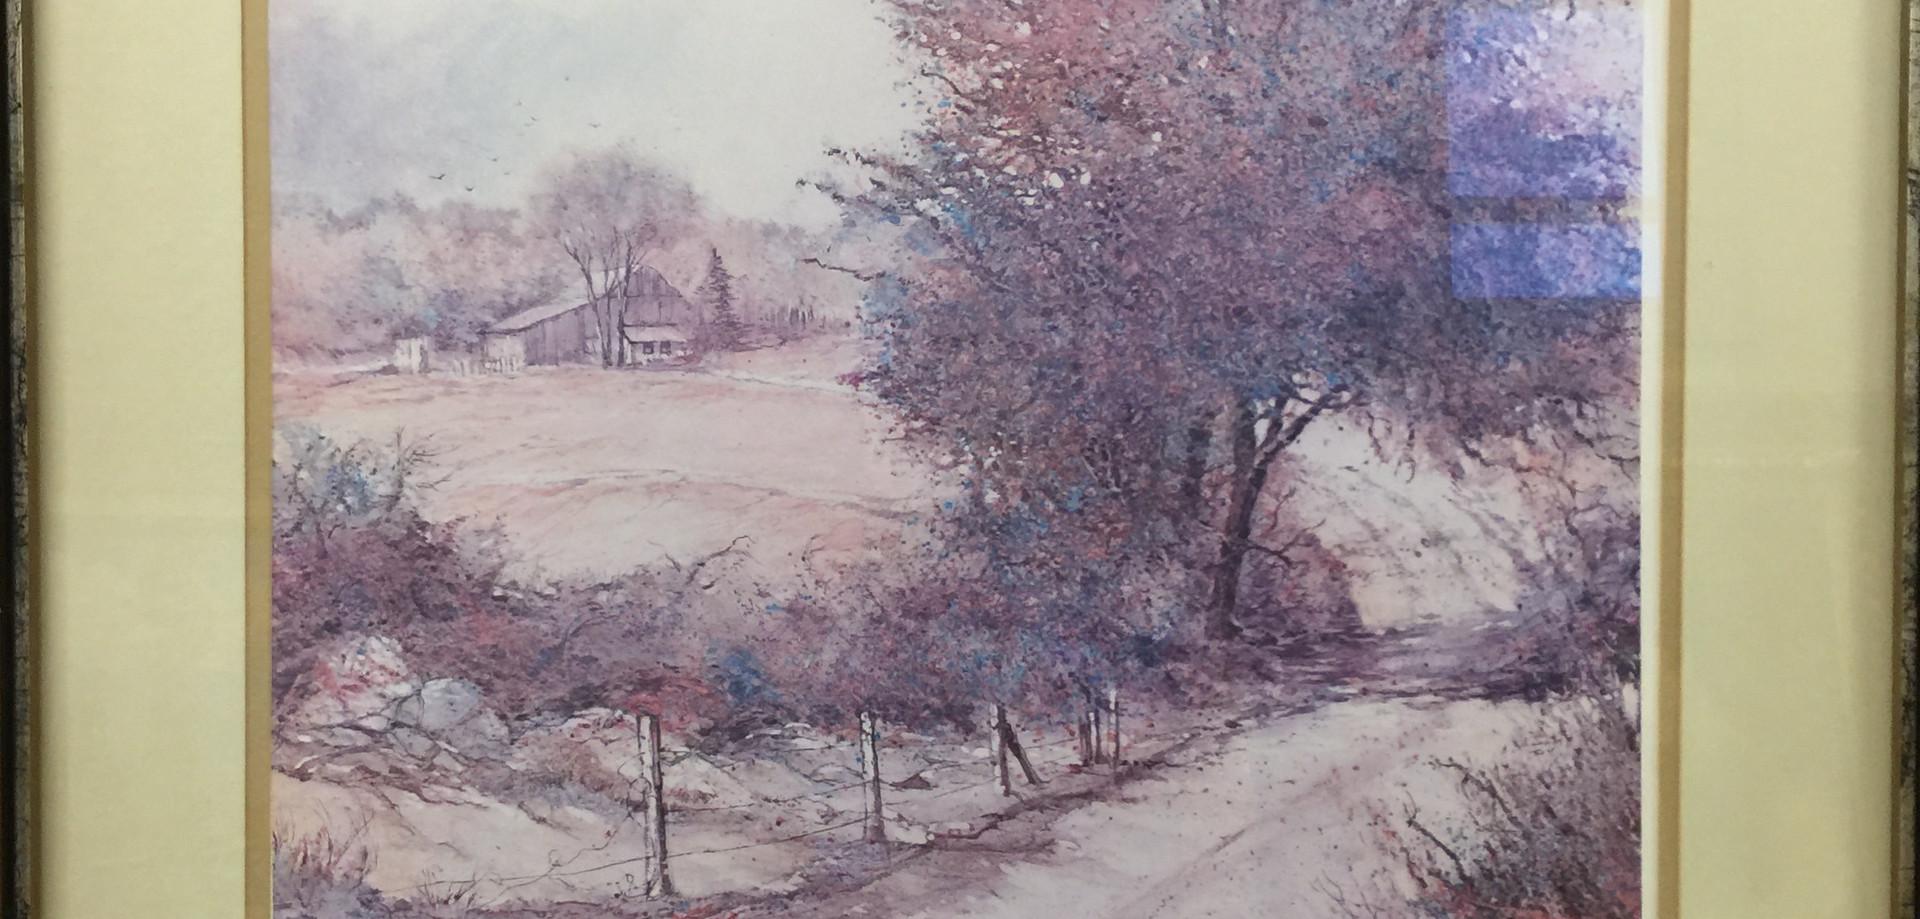 Tom Mallon: Winding Road framed